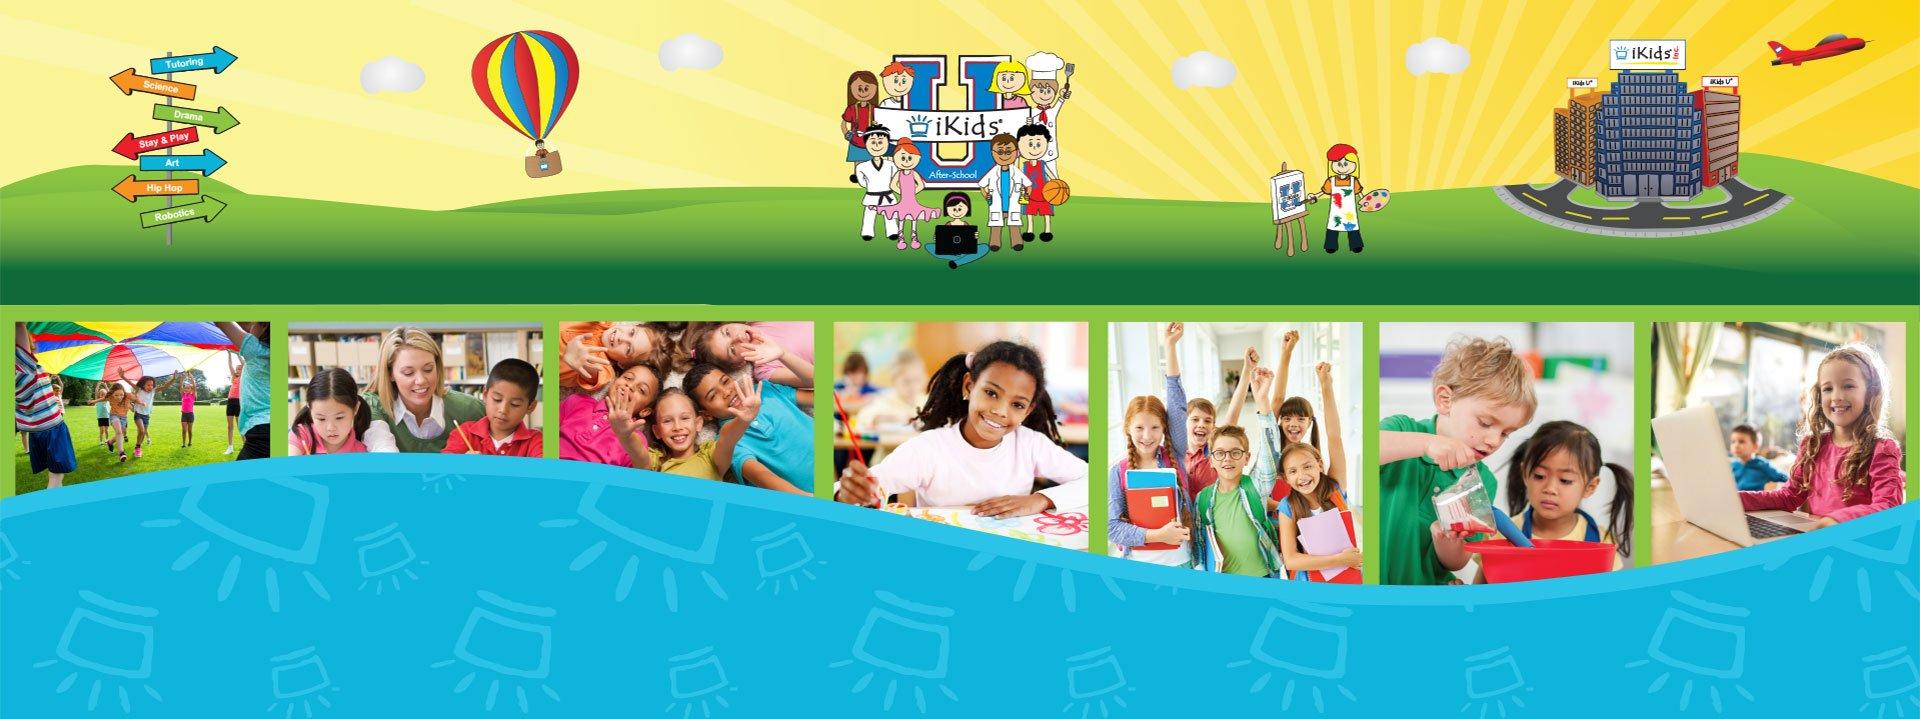 slider background image